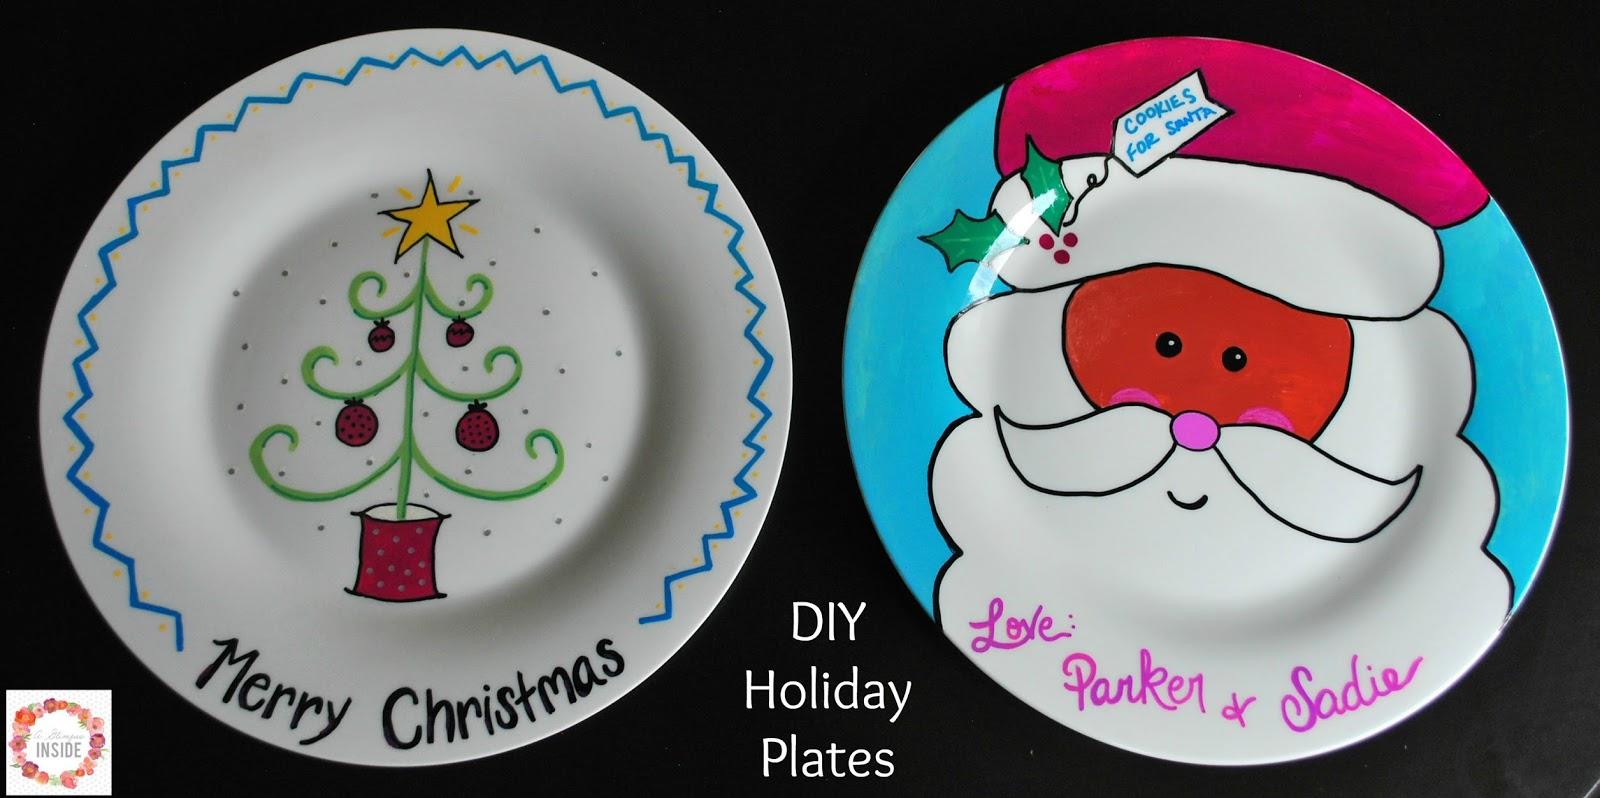 http://www.aglimpseinsideblog.com/2015/12/diy-holiday-plates.html